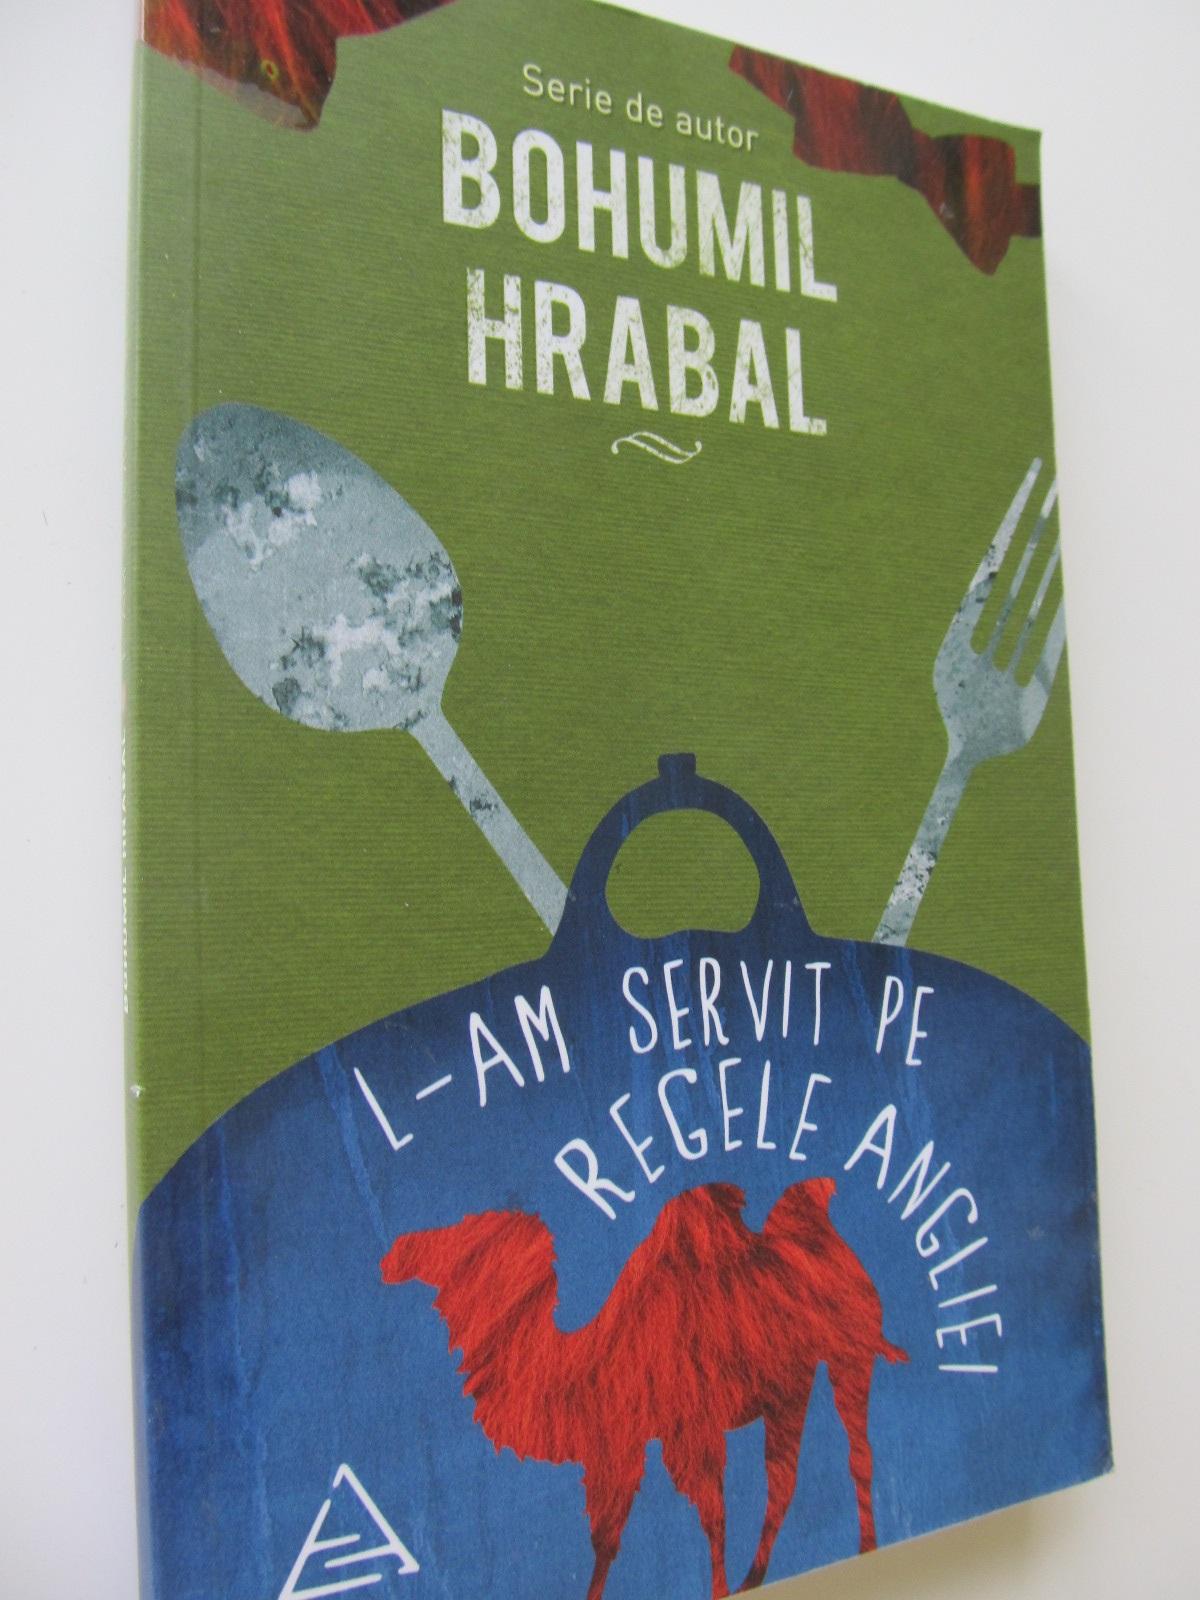 L-am servit pe regele Angliei - Bohumil Hrabal | Detalii carte